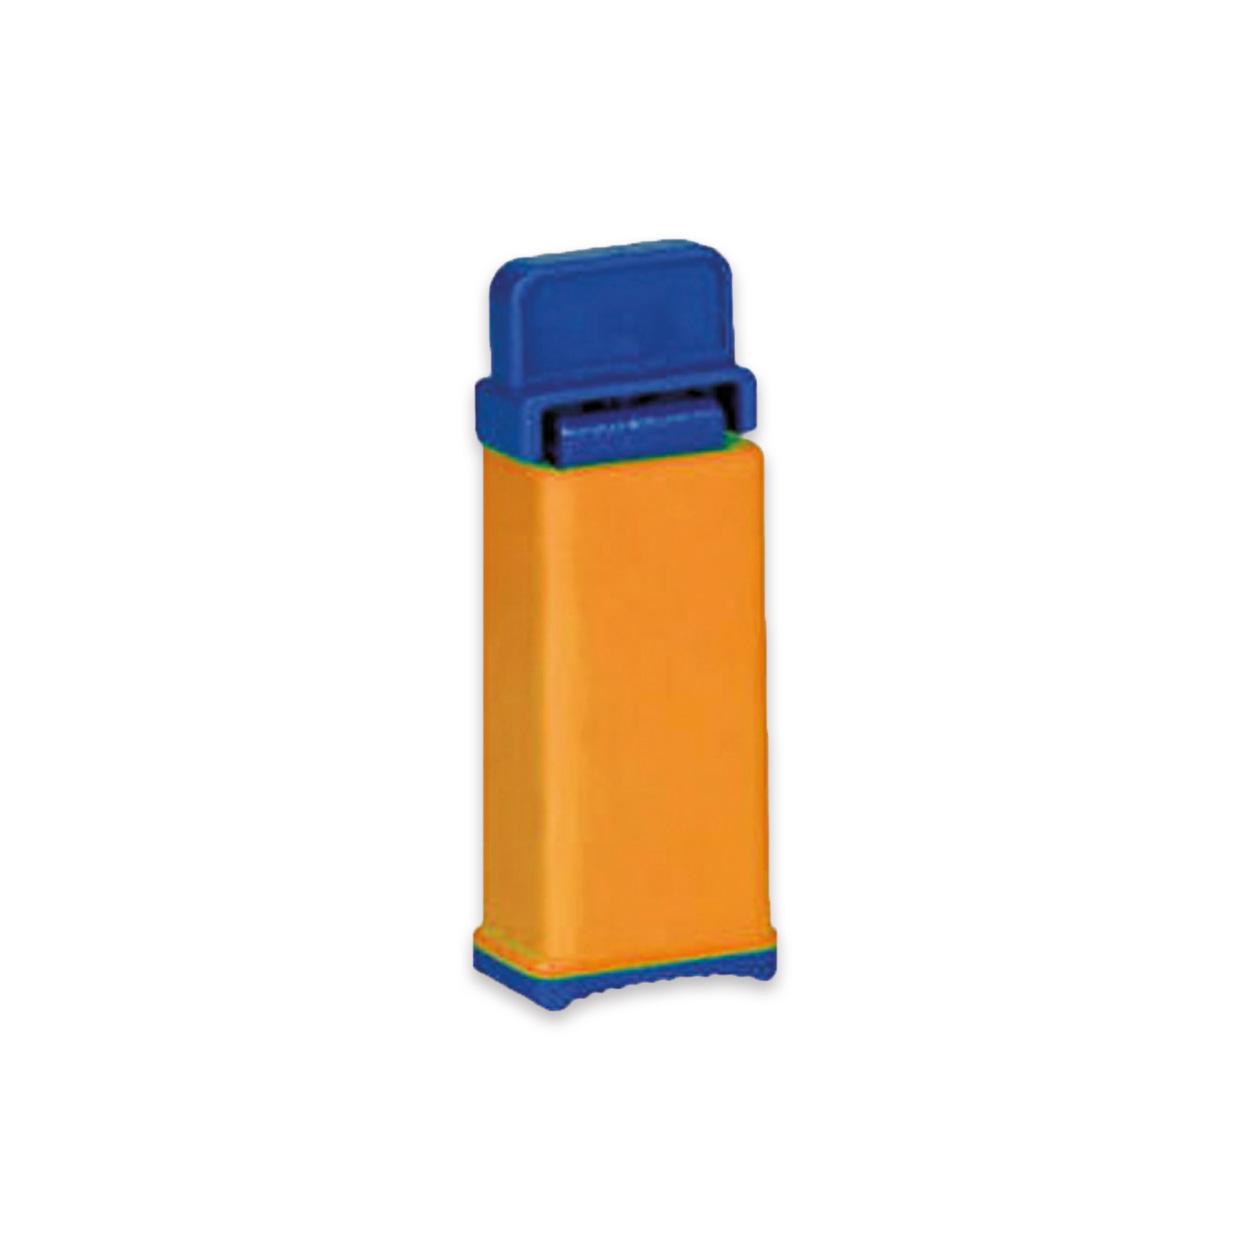 Sterilance Blutzuckerlanzetten (orange) Packung à 100 Stück